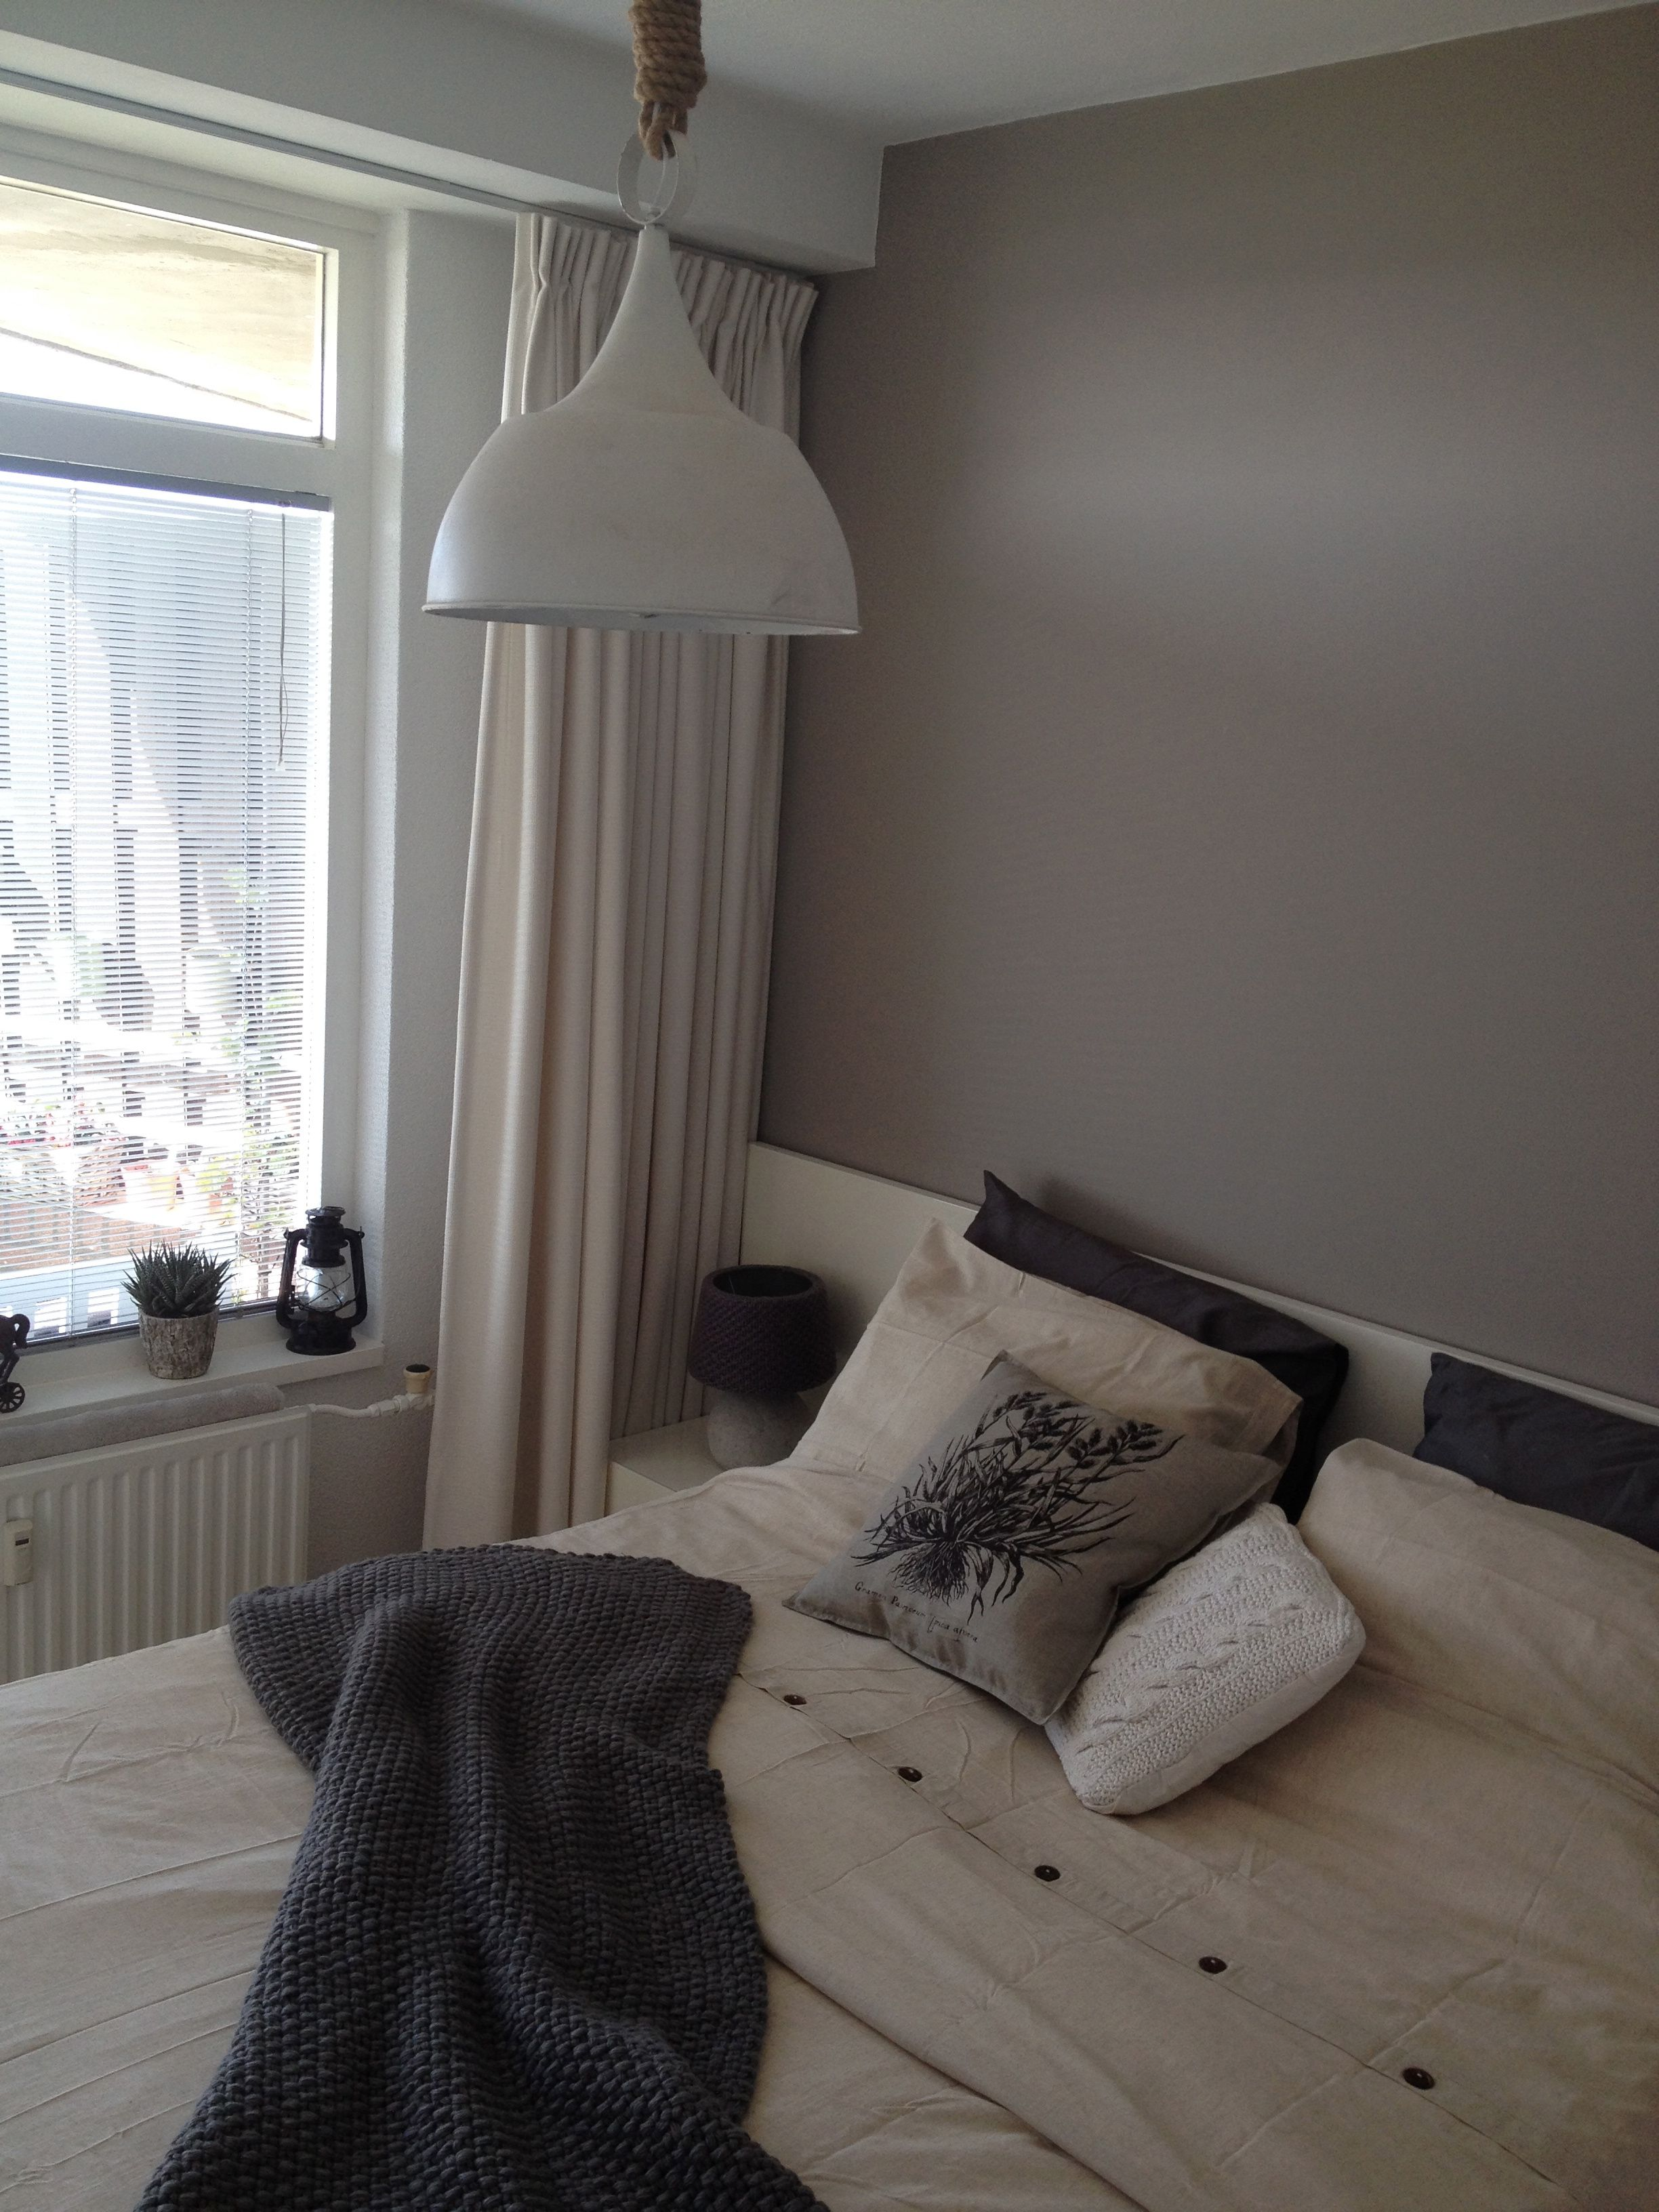 Slaapkamer landelijk bruin grijs beach | Puur wonen | Pinterest